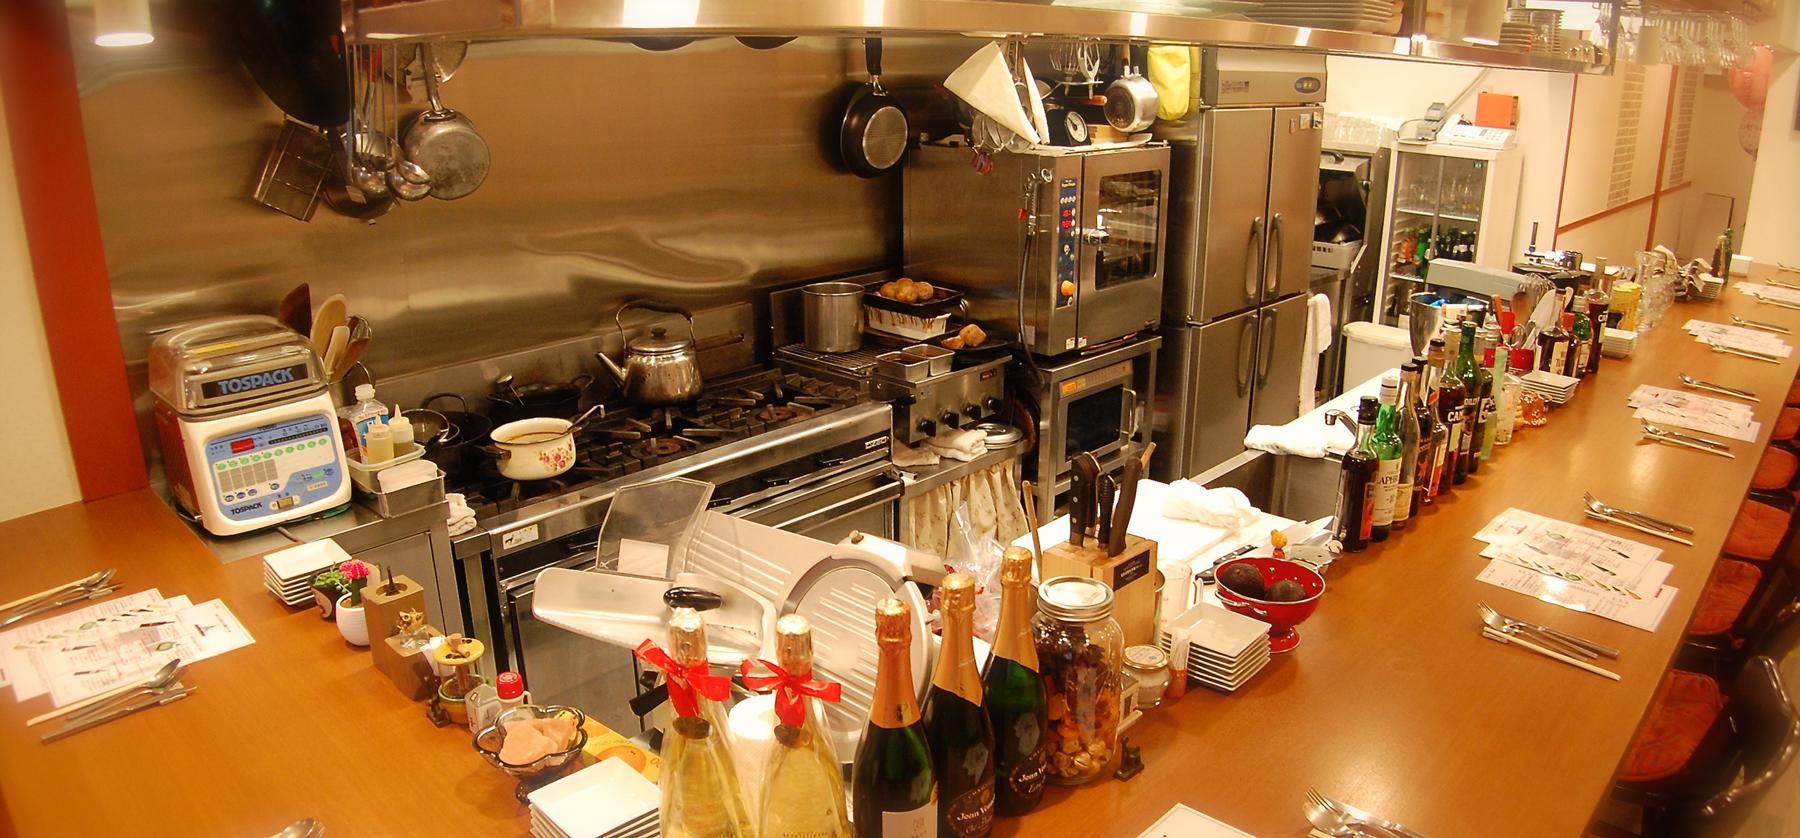 厨房機器のリースなら名古屋の株式会社CEKまでぜひご相談ください。